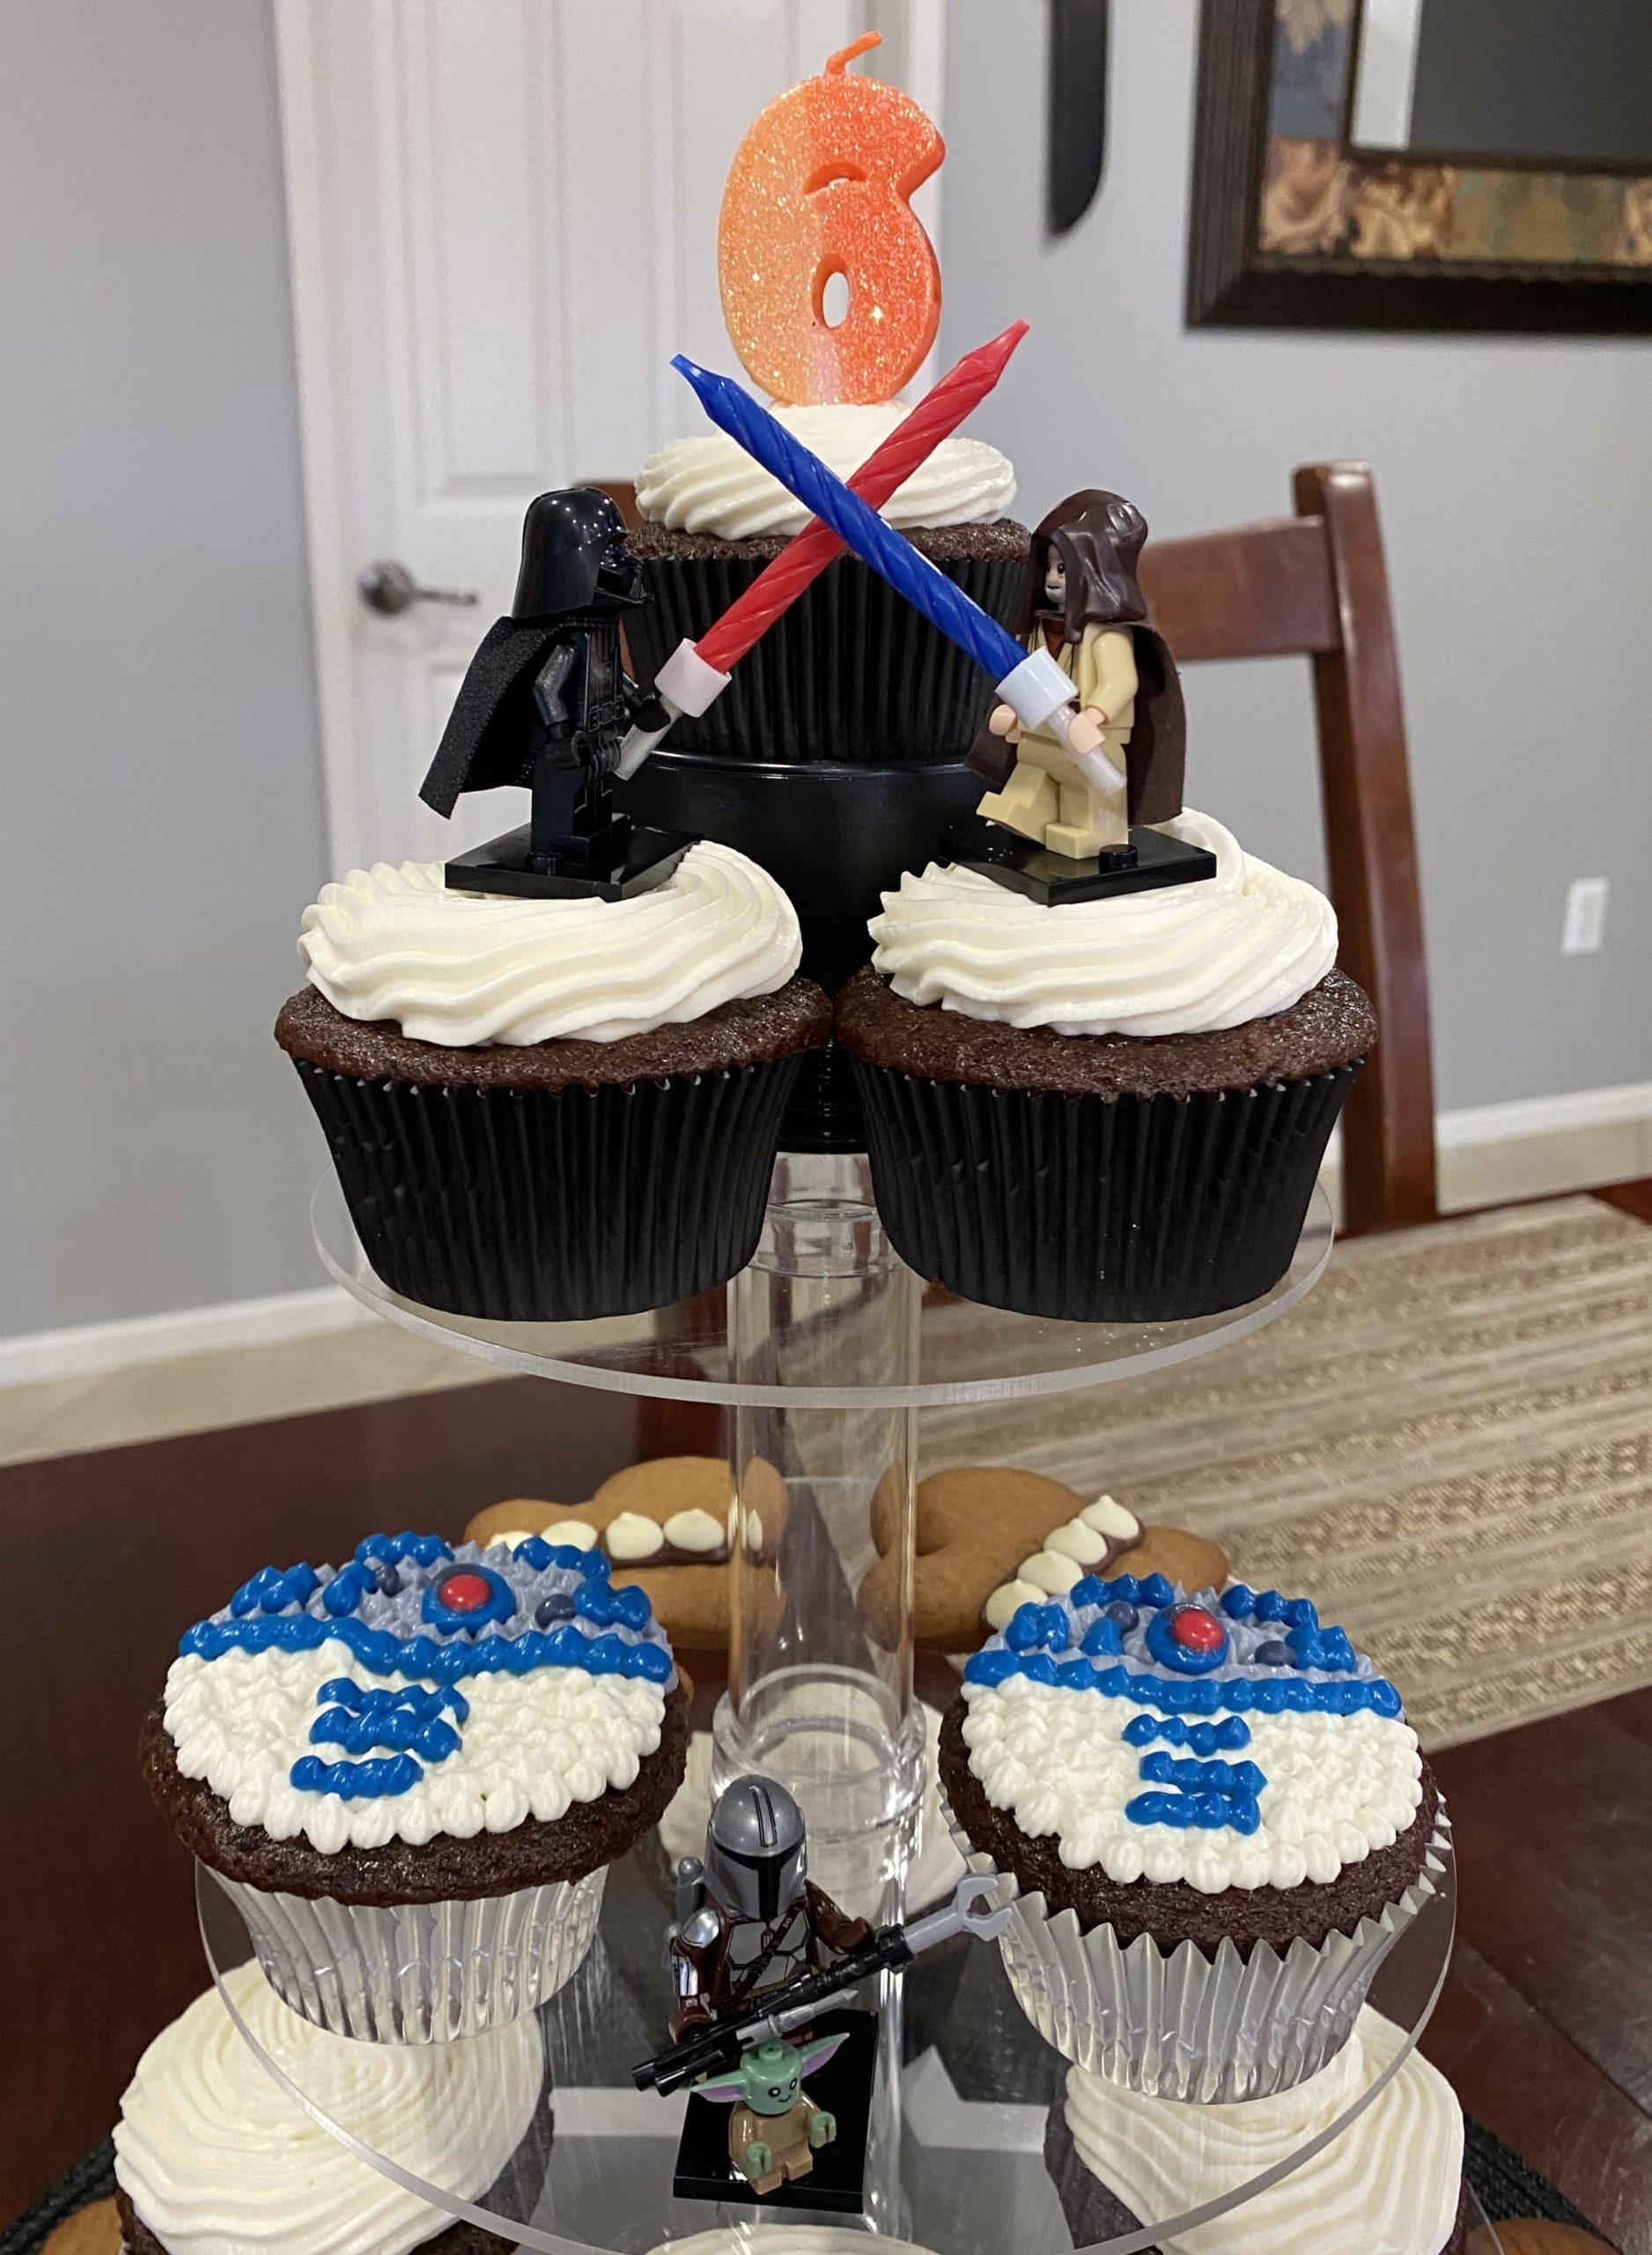 r2d2 cupcake display